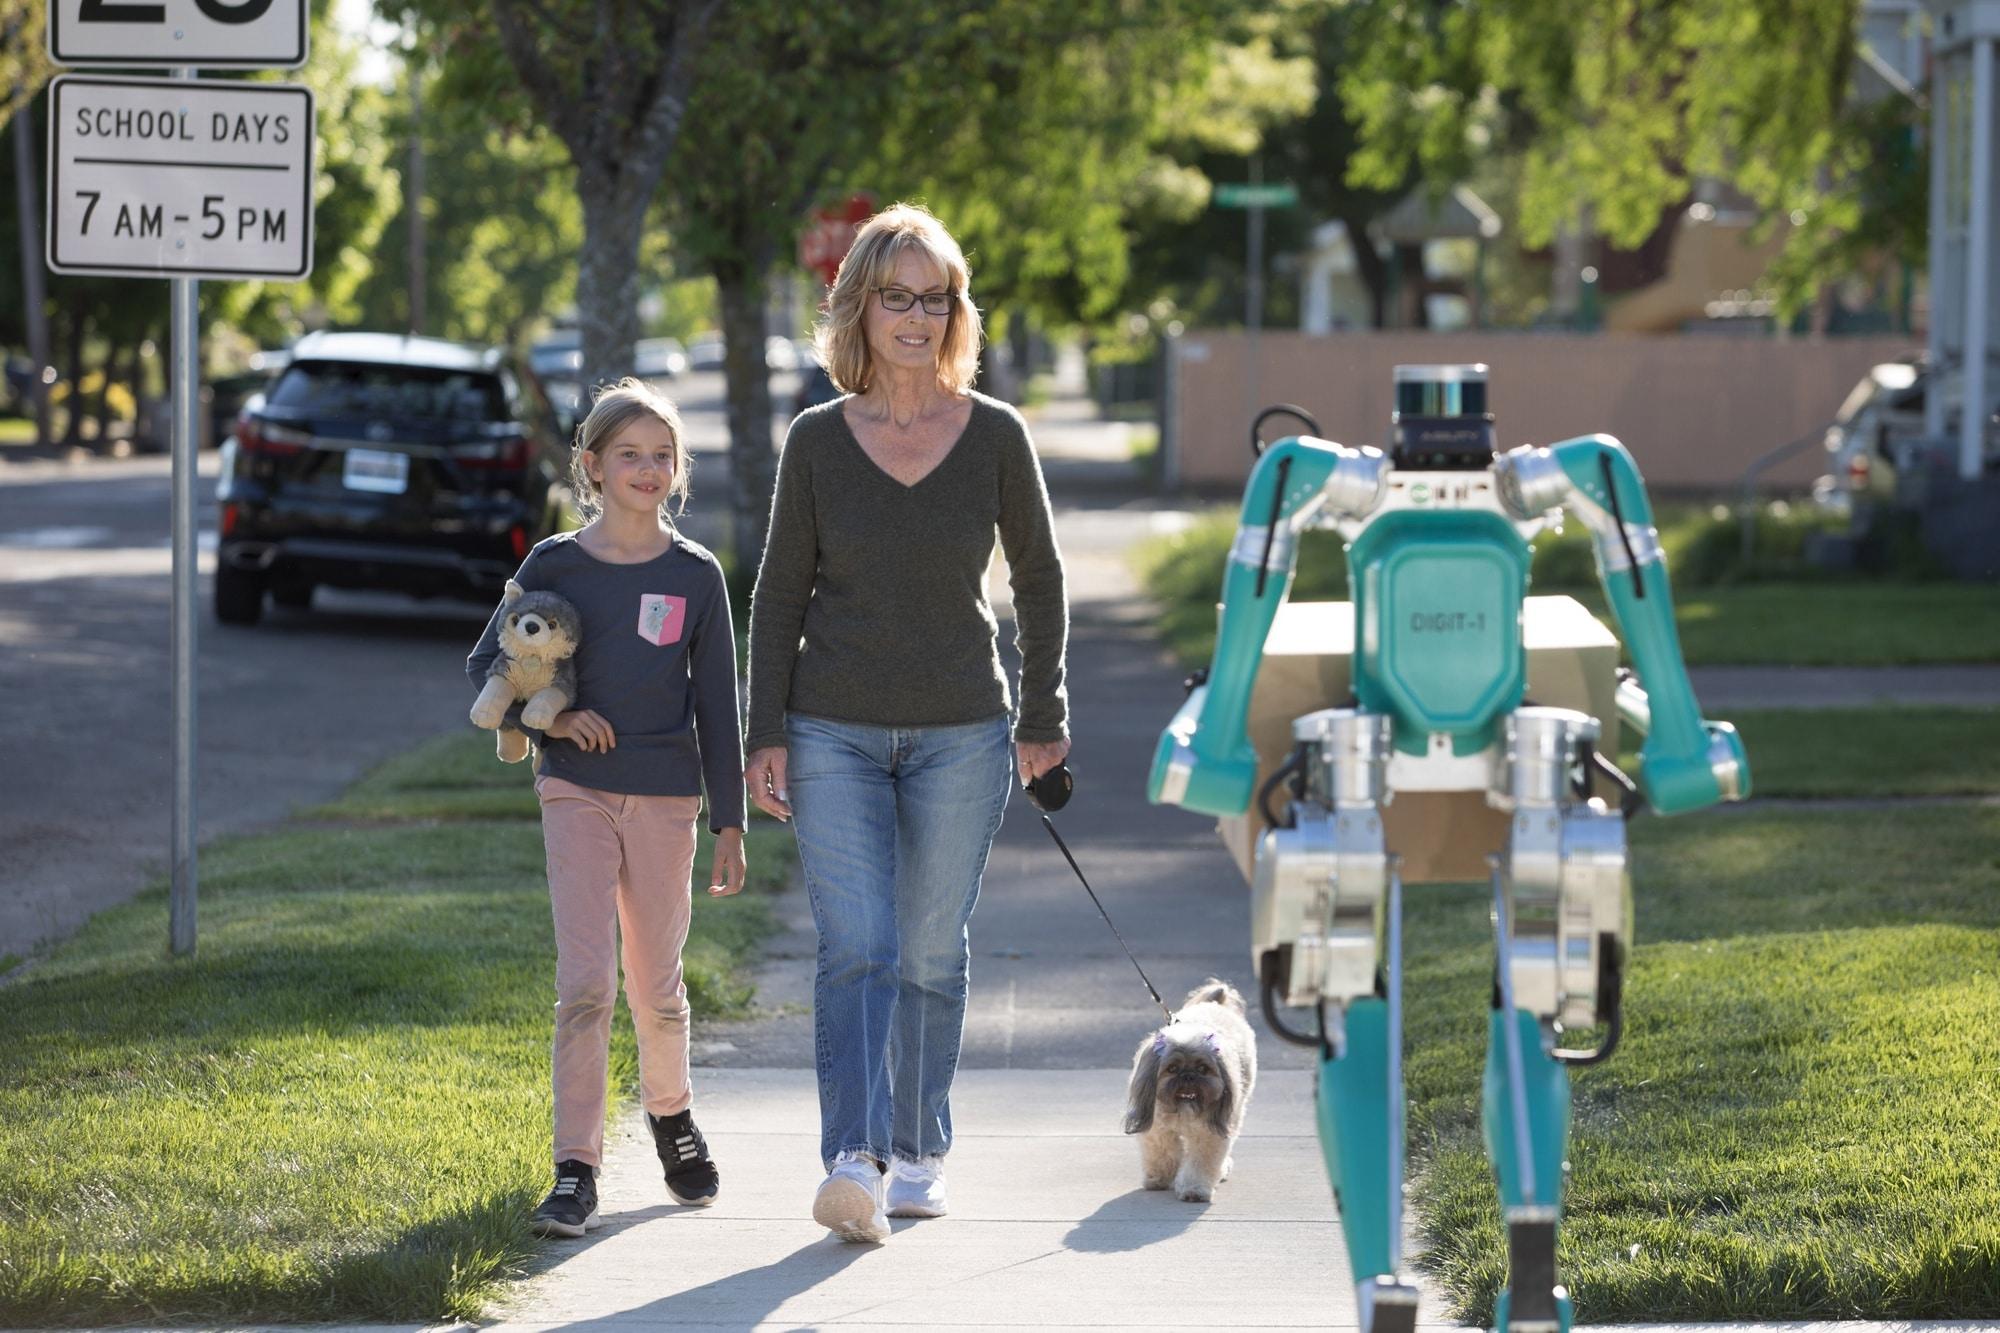 Форд представил систему доставки избеспилотного автомобиля идвуногого робота